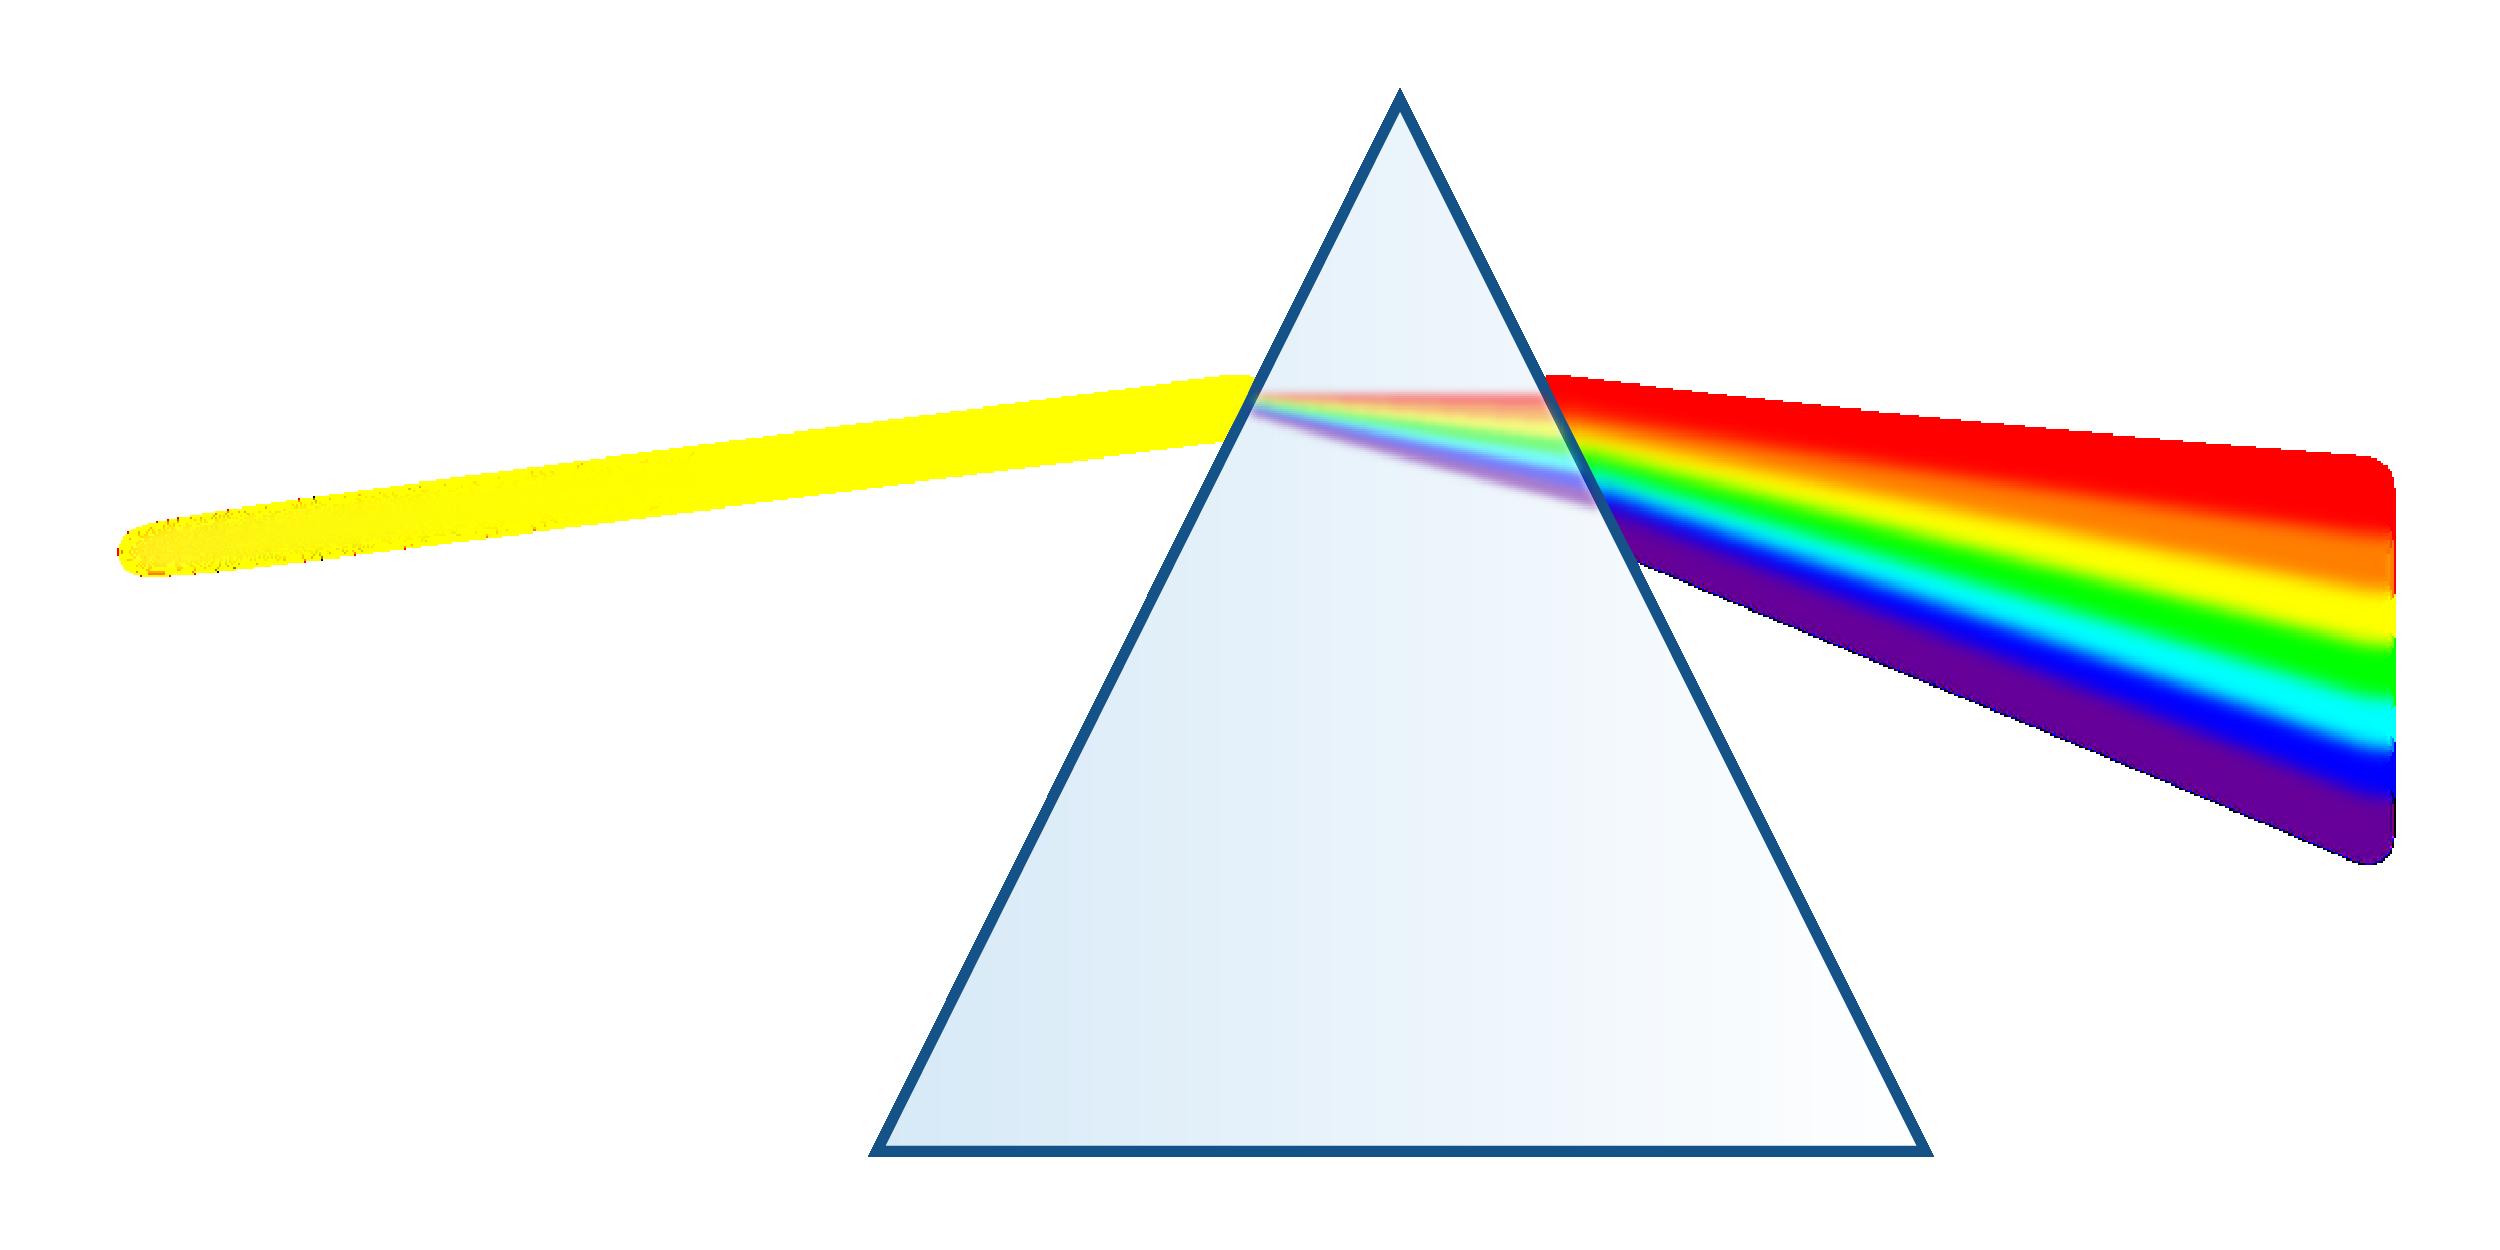 décomposition de la lumière blanche